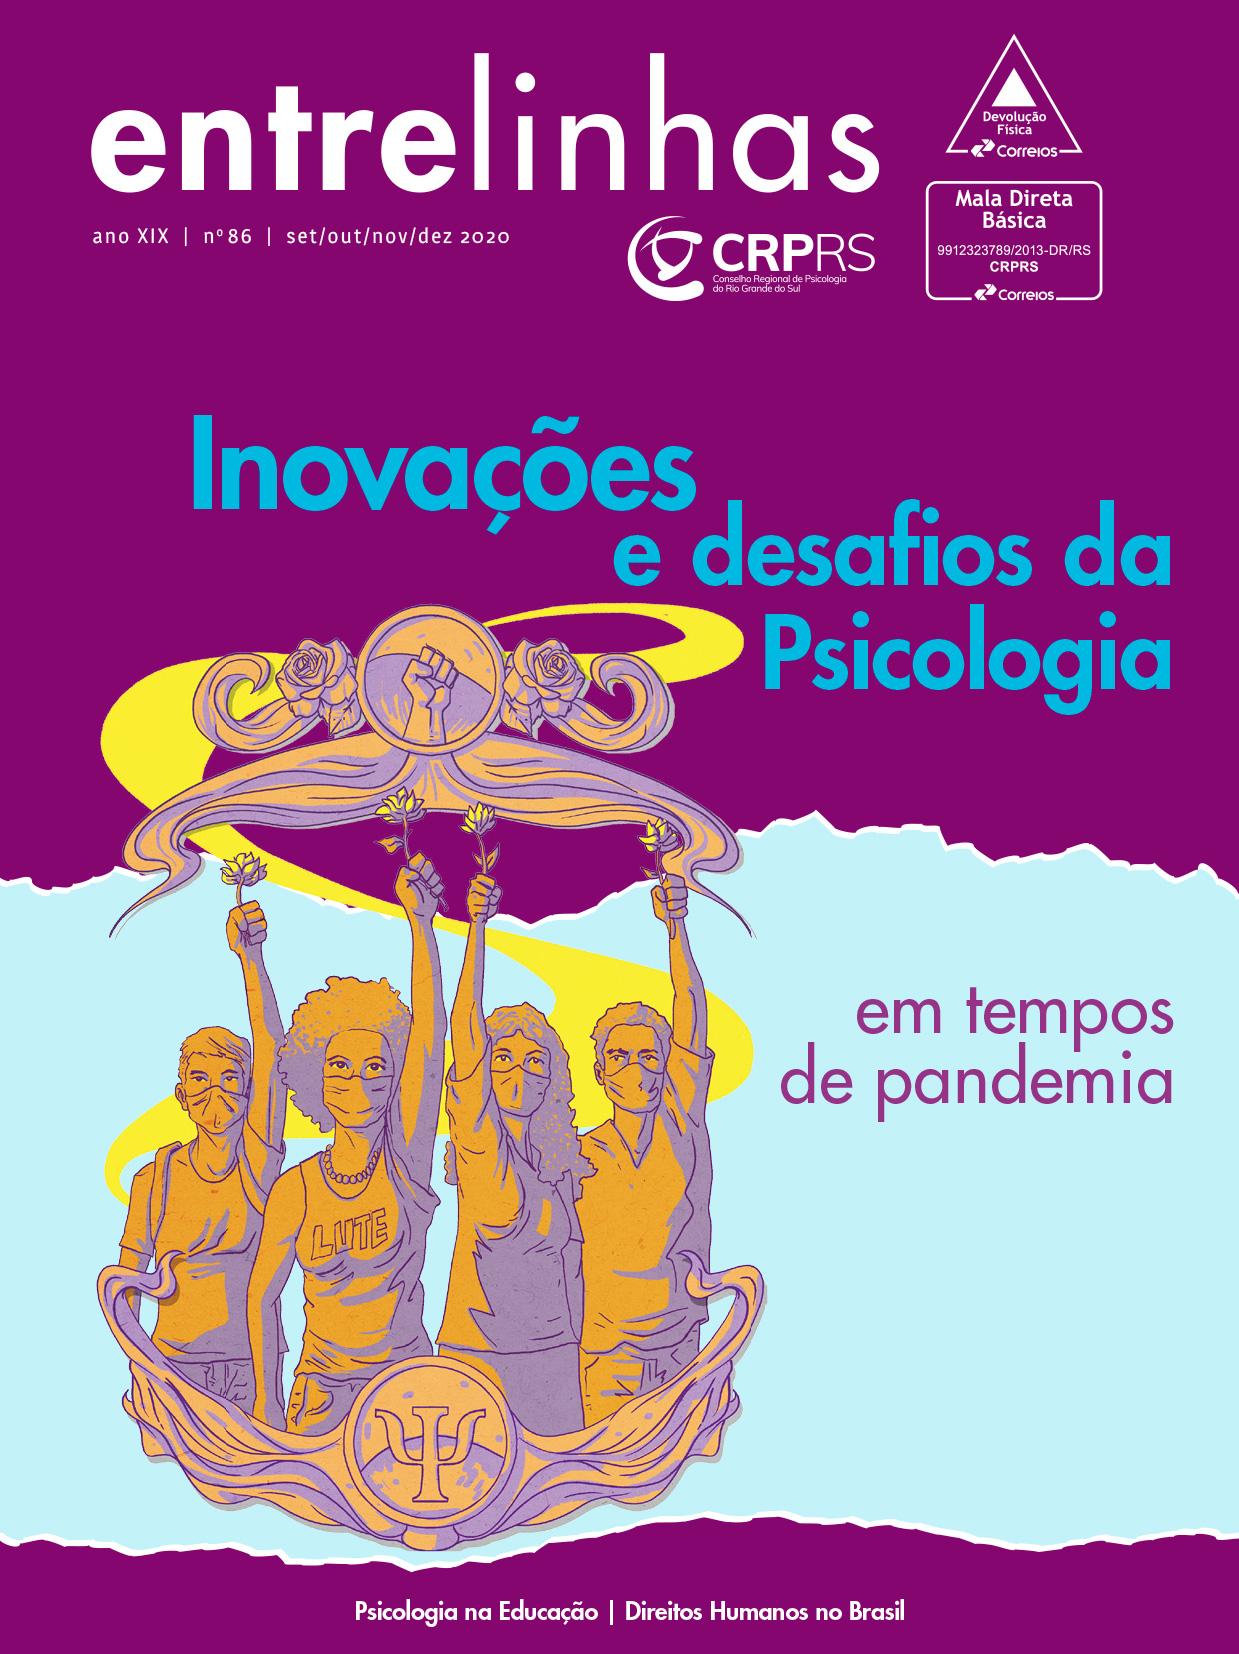 INOVAÇÕES E DESAFIOS DA PSICOLOGIA EM TEMPOS DE PANDEMIA